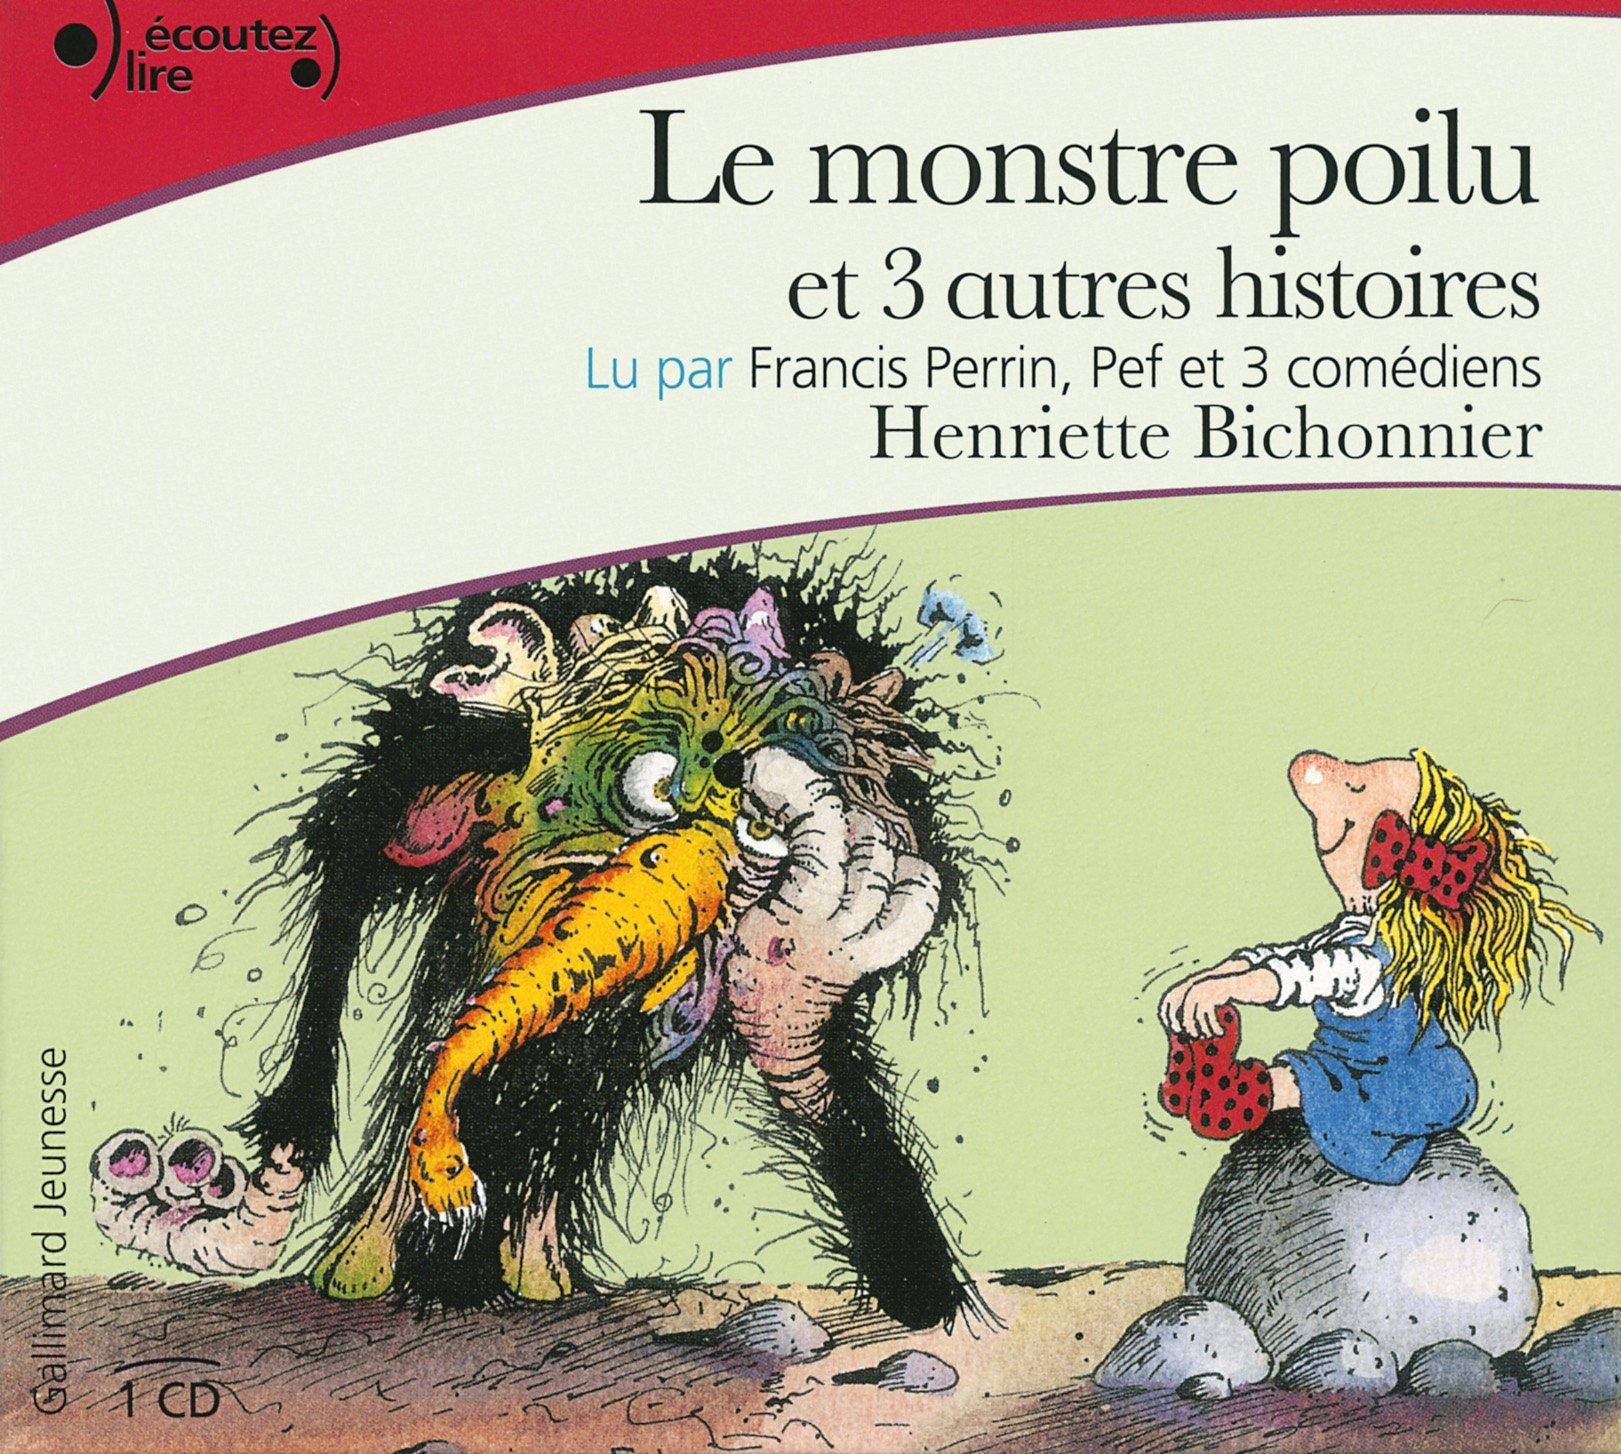 [Ebooks Audio] LE MONSTRE POILU et 3 autres histoires d'Henriette Bichonnier